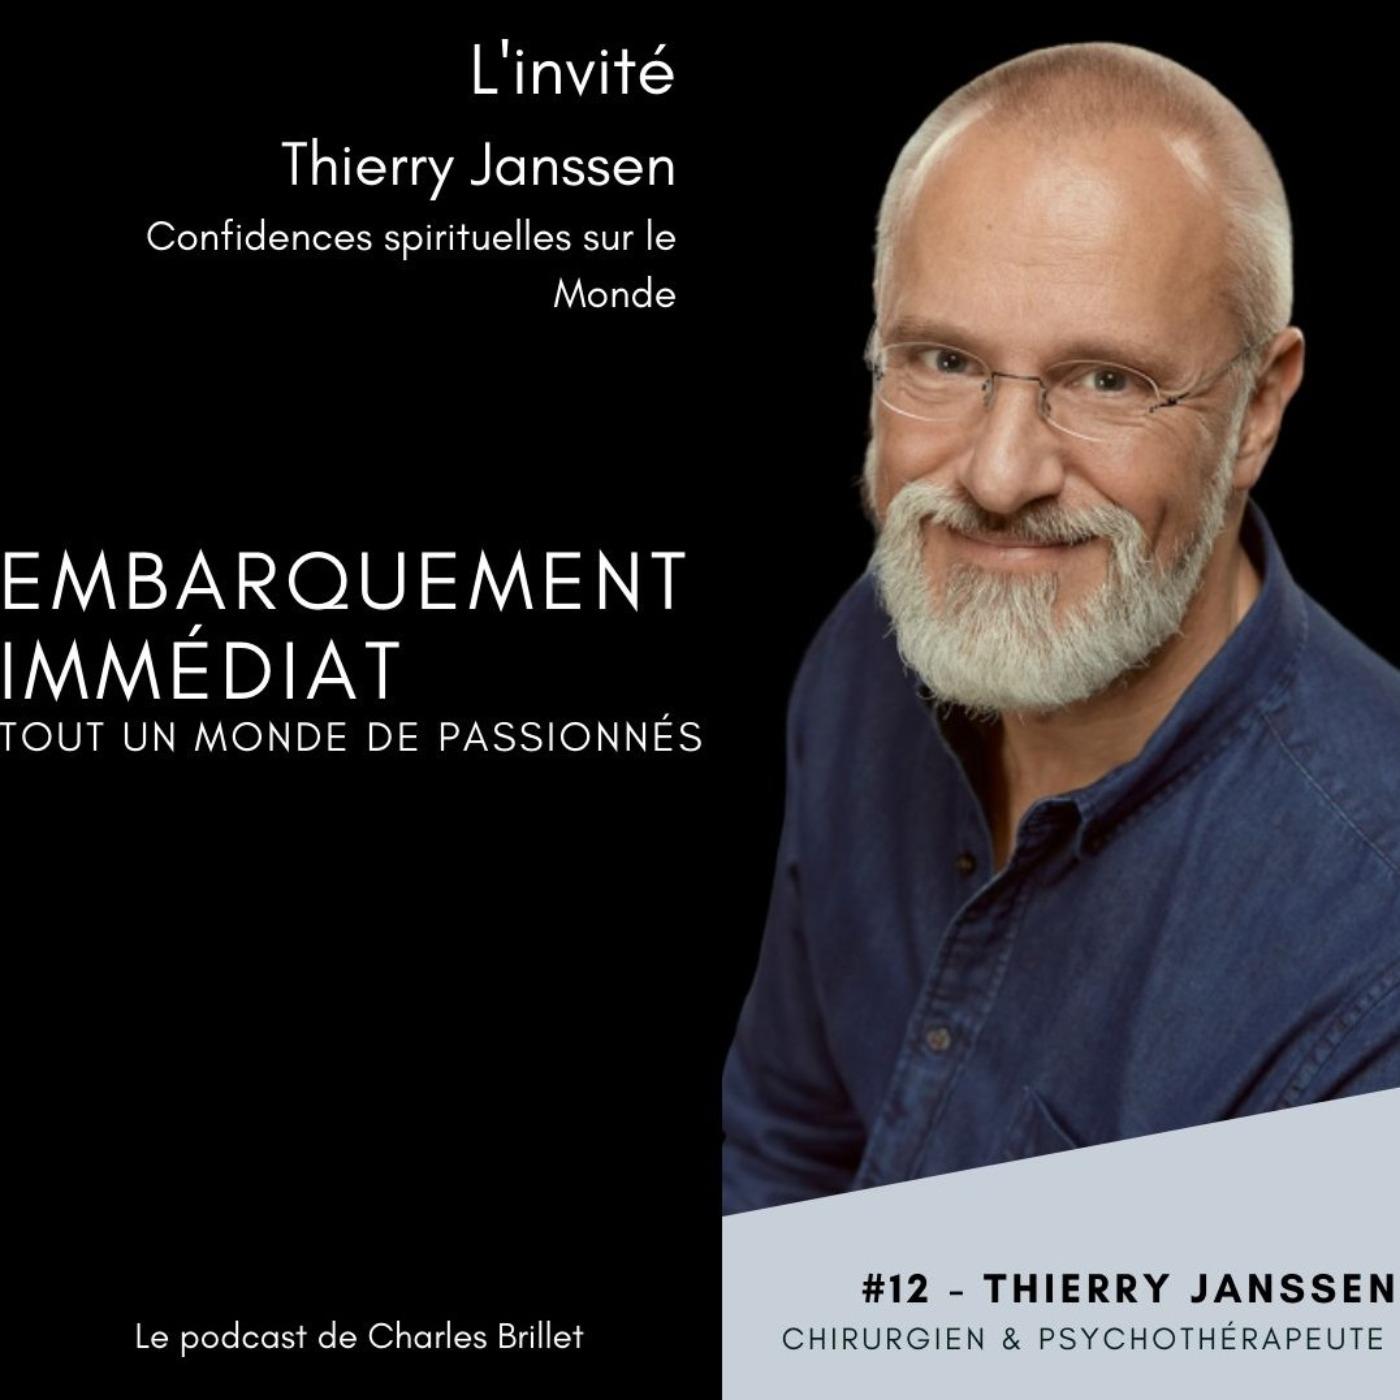 #12 - Thierry Jansenn - Confidences spirituelles - Bruxelles Belgique